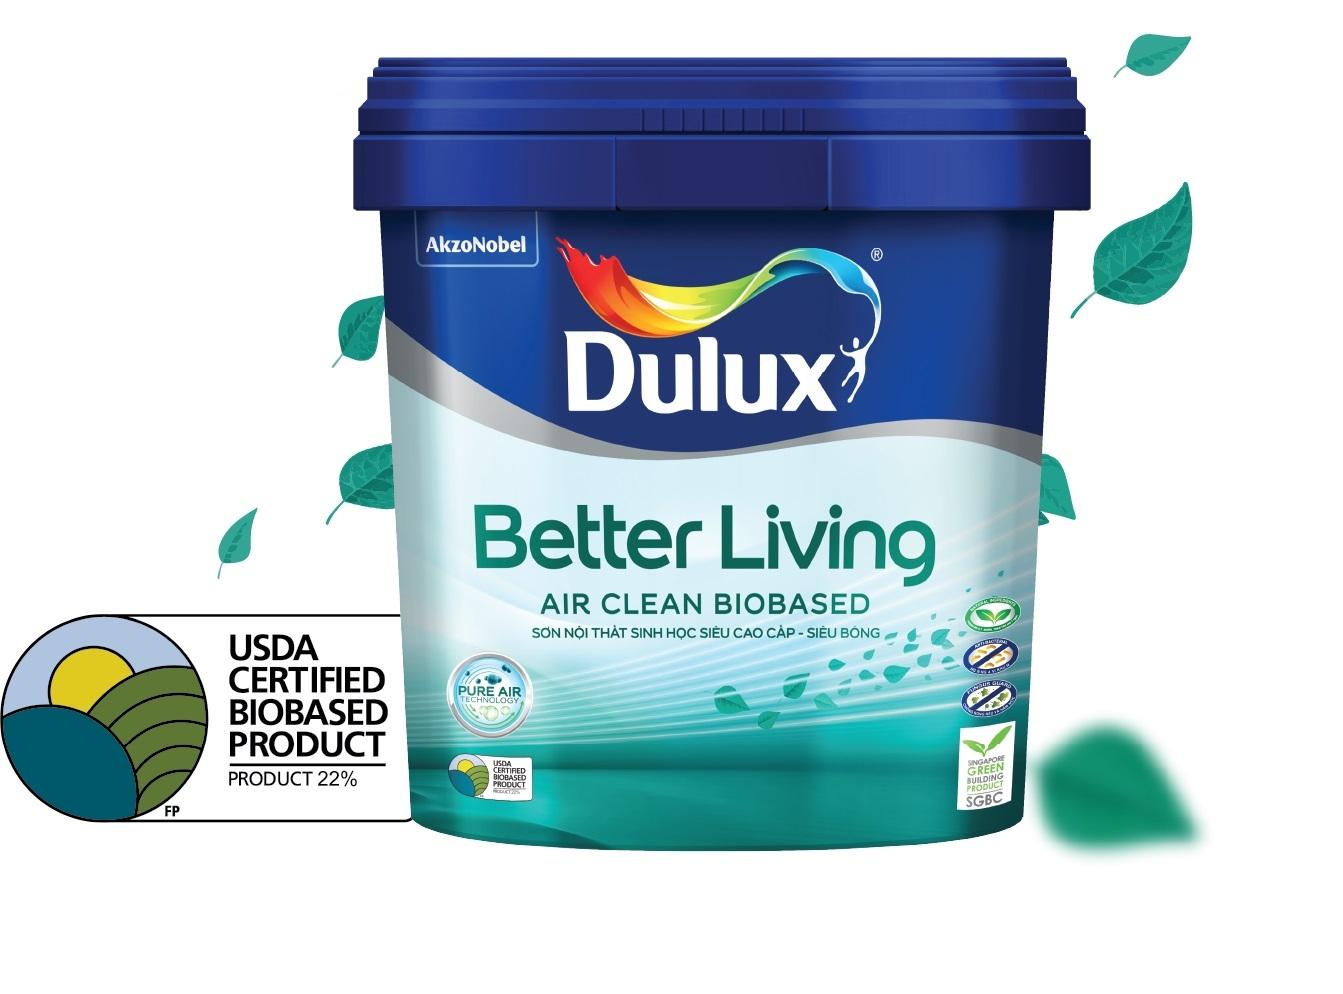 Dulux ra mắt giải pháp sơn với tính năng thanh lọc không khí trong nhà lần đầu tiên tại Việt Nam